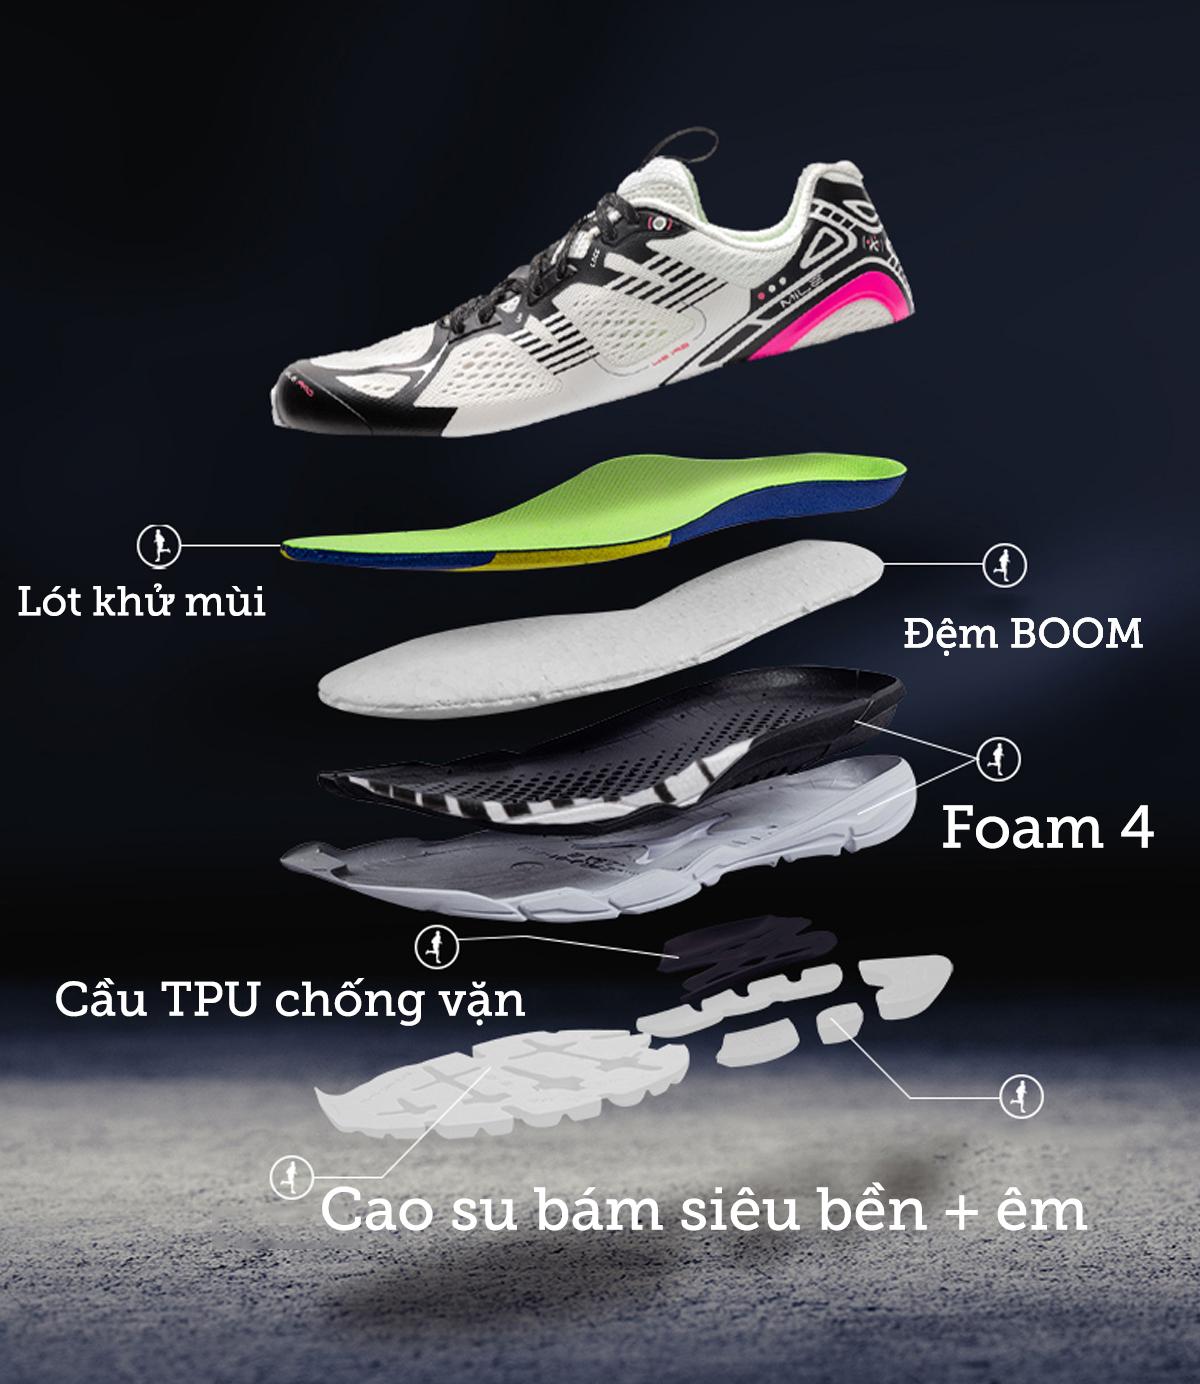 Giày Chạy bộ Nam - BMAI Mile 42K Pro là sự lựa chọn hoàn hảo cho tất cả mọi người, kể cả những người mới bắt đầu tập chạy ở cự ly ngắn,